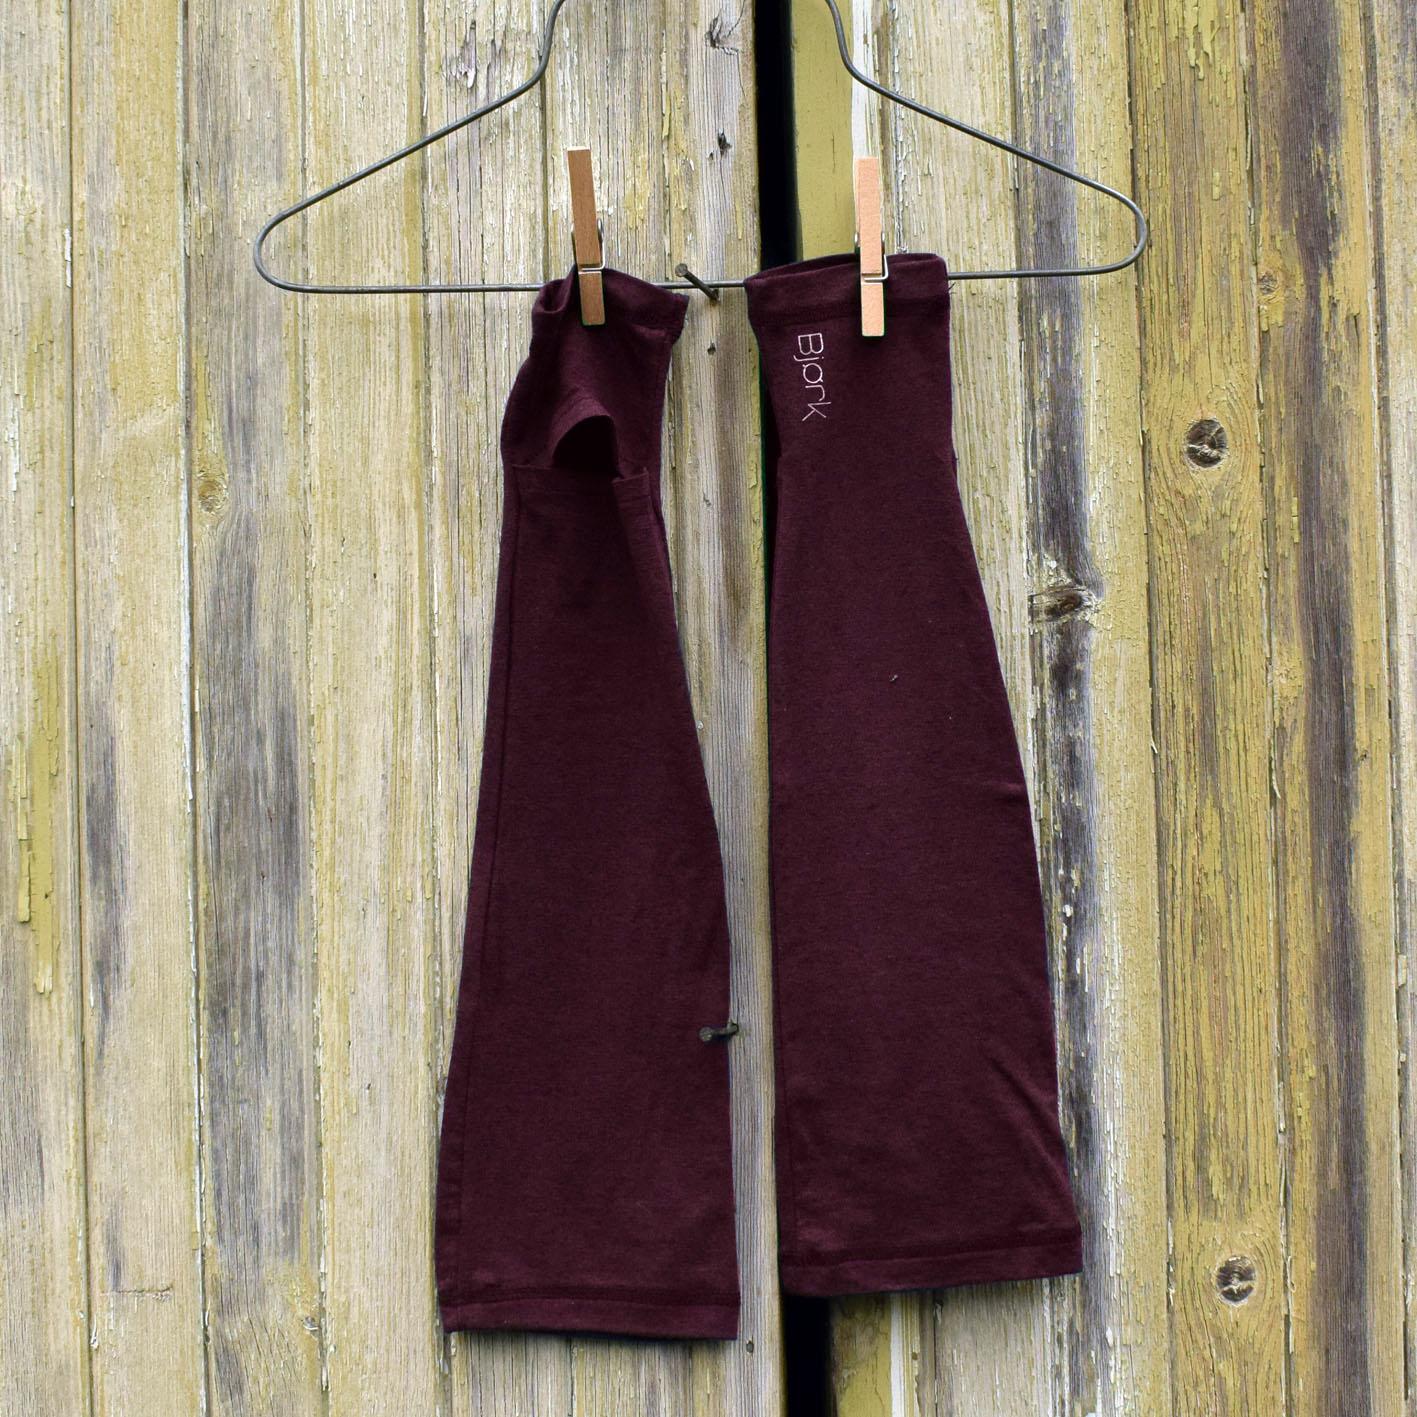 Leggings/sleeves